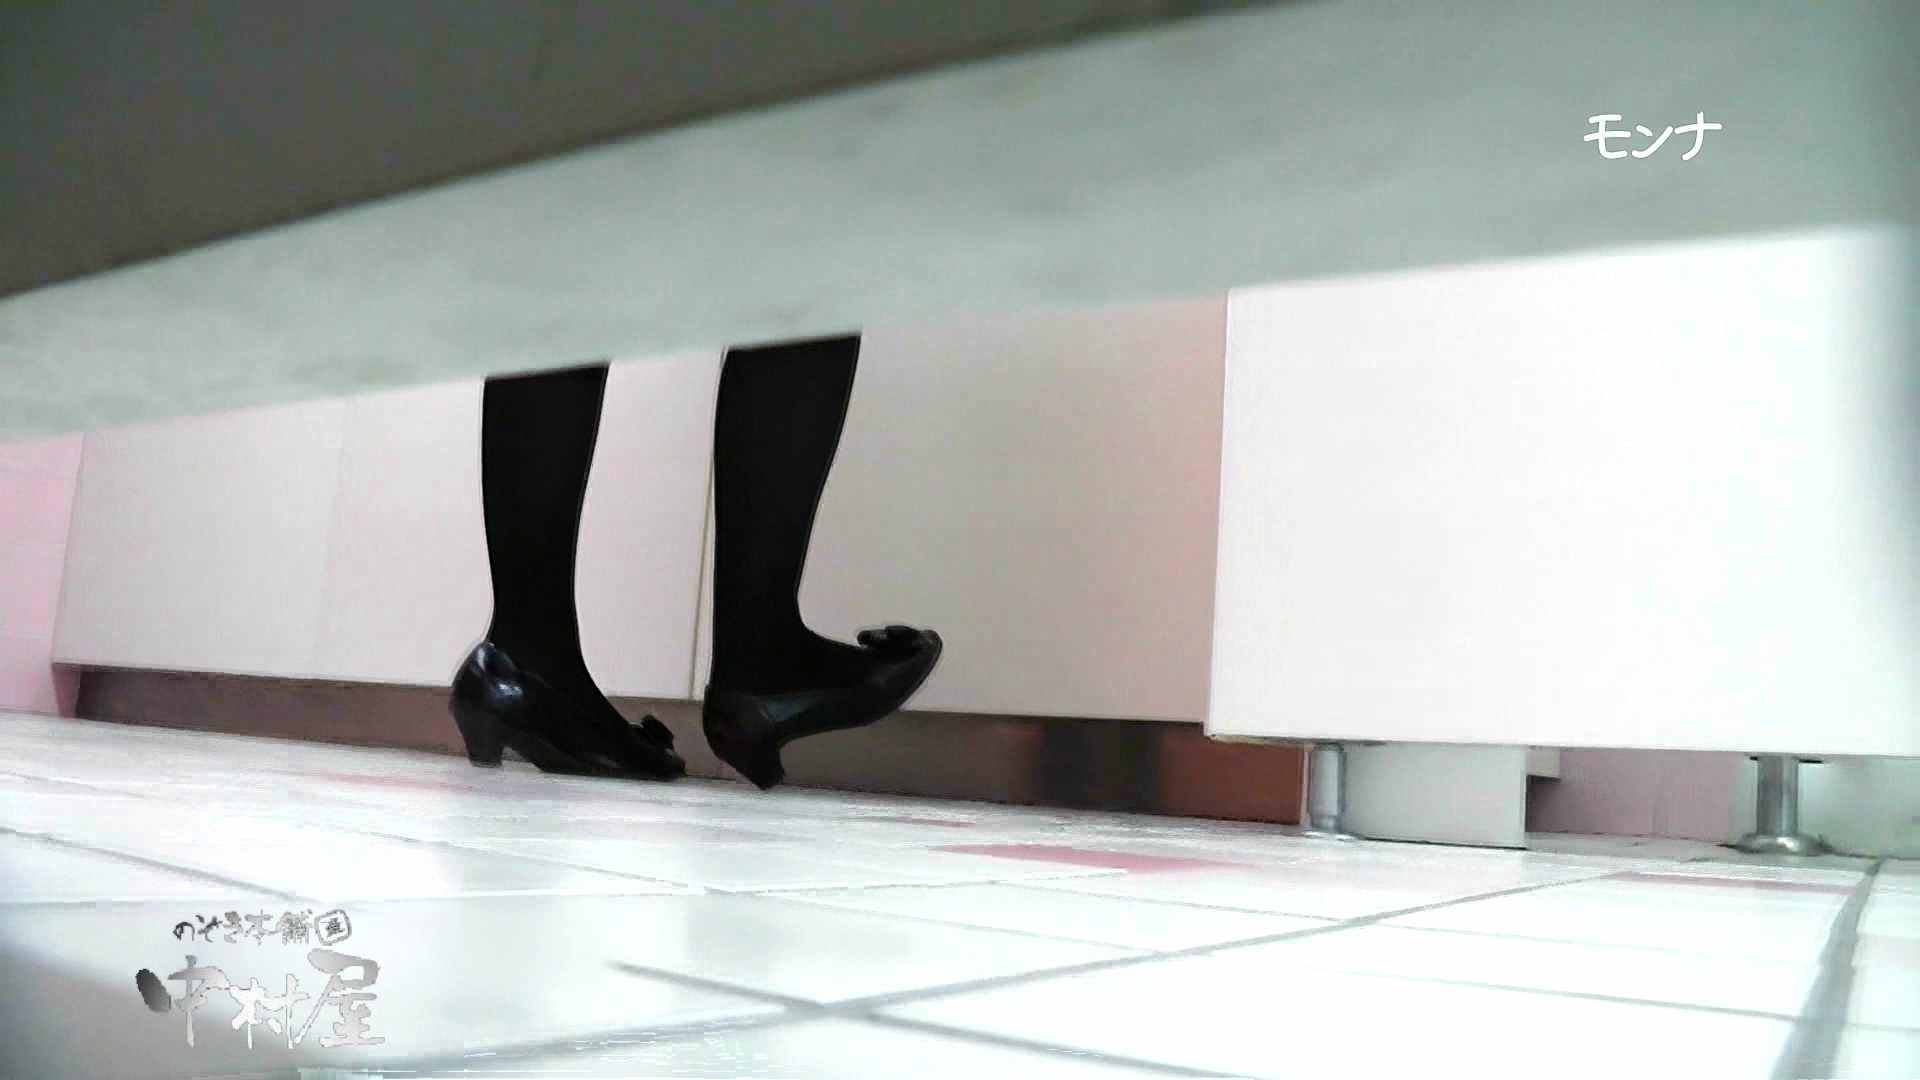 【美しい日本の未来】遂に!!戸田恵梨香似の予告モデル登場ダッシュで「大」後編 0   0  52連発 29